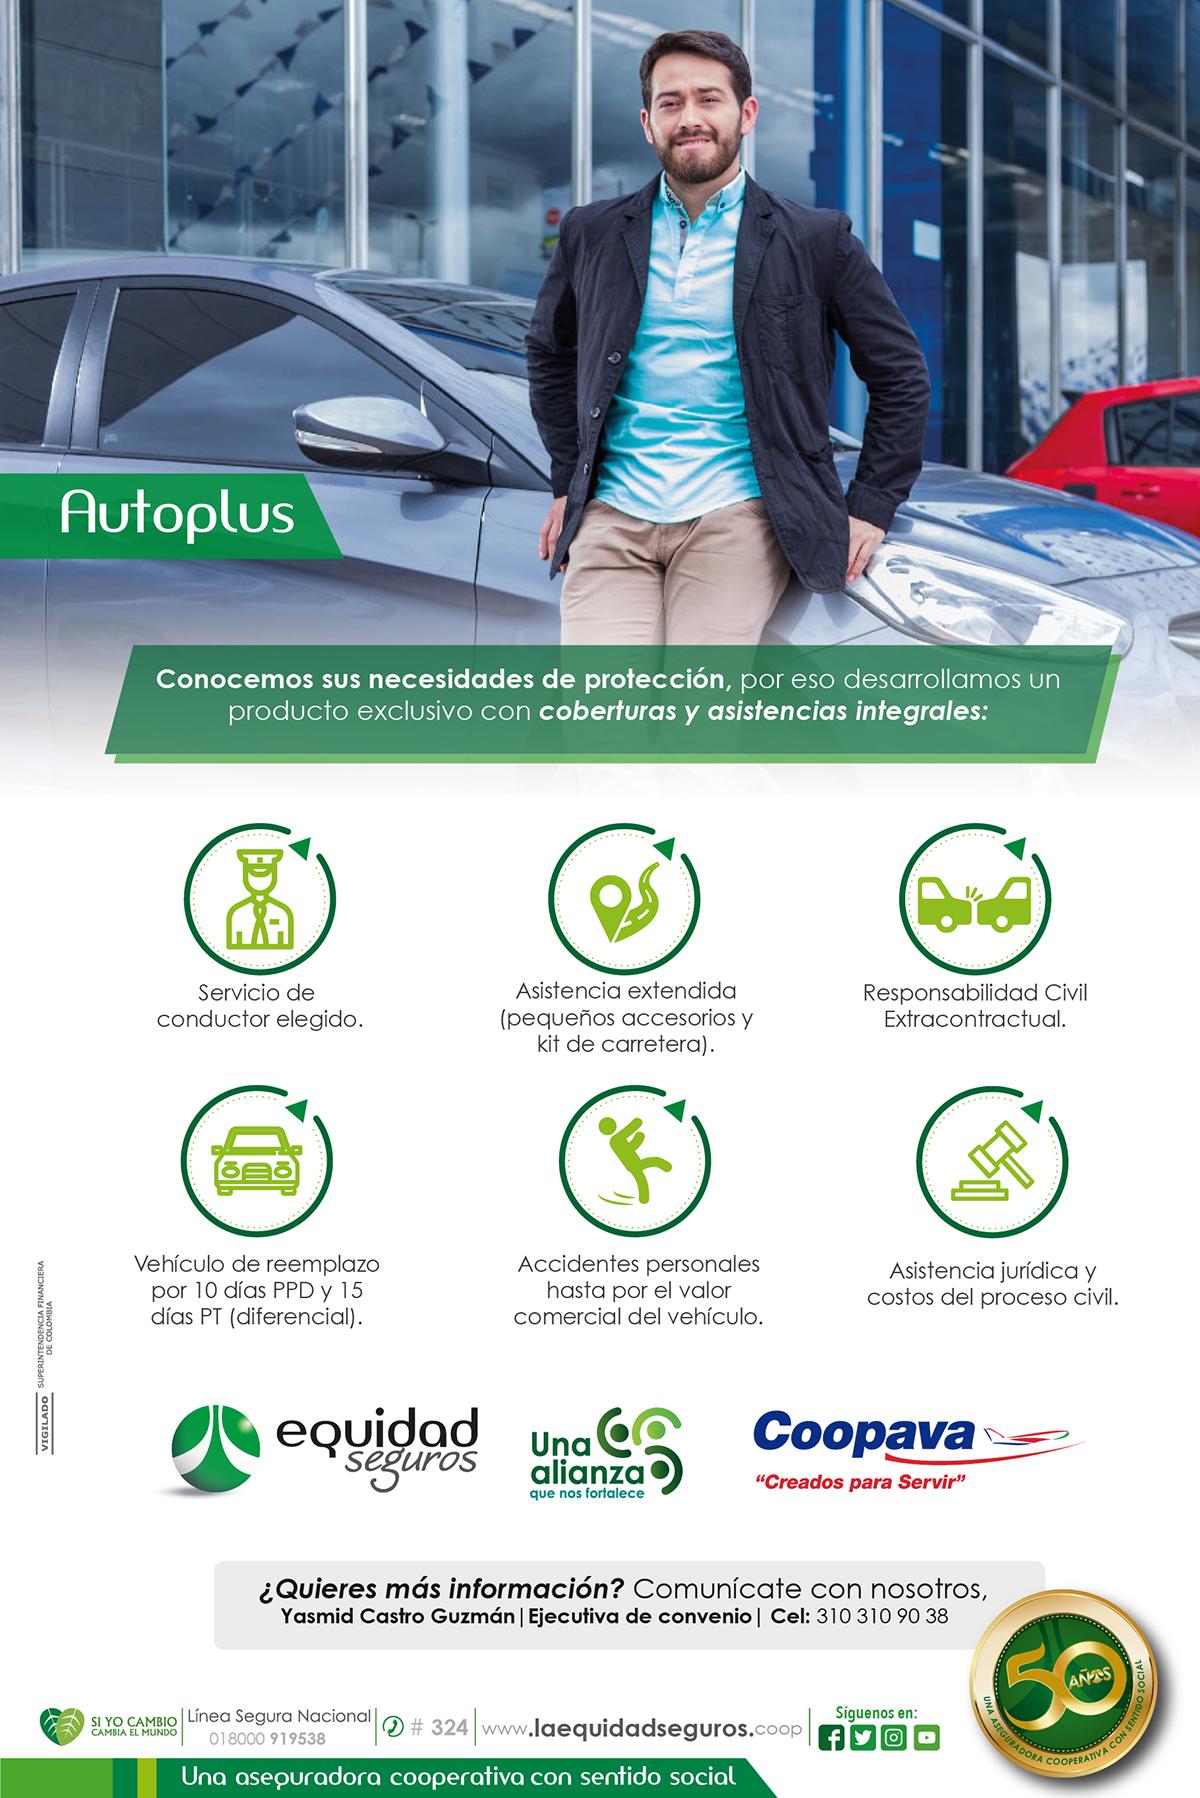 La Equidad Mayo15 Autoplus.jpg (998 KB)